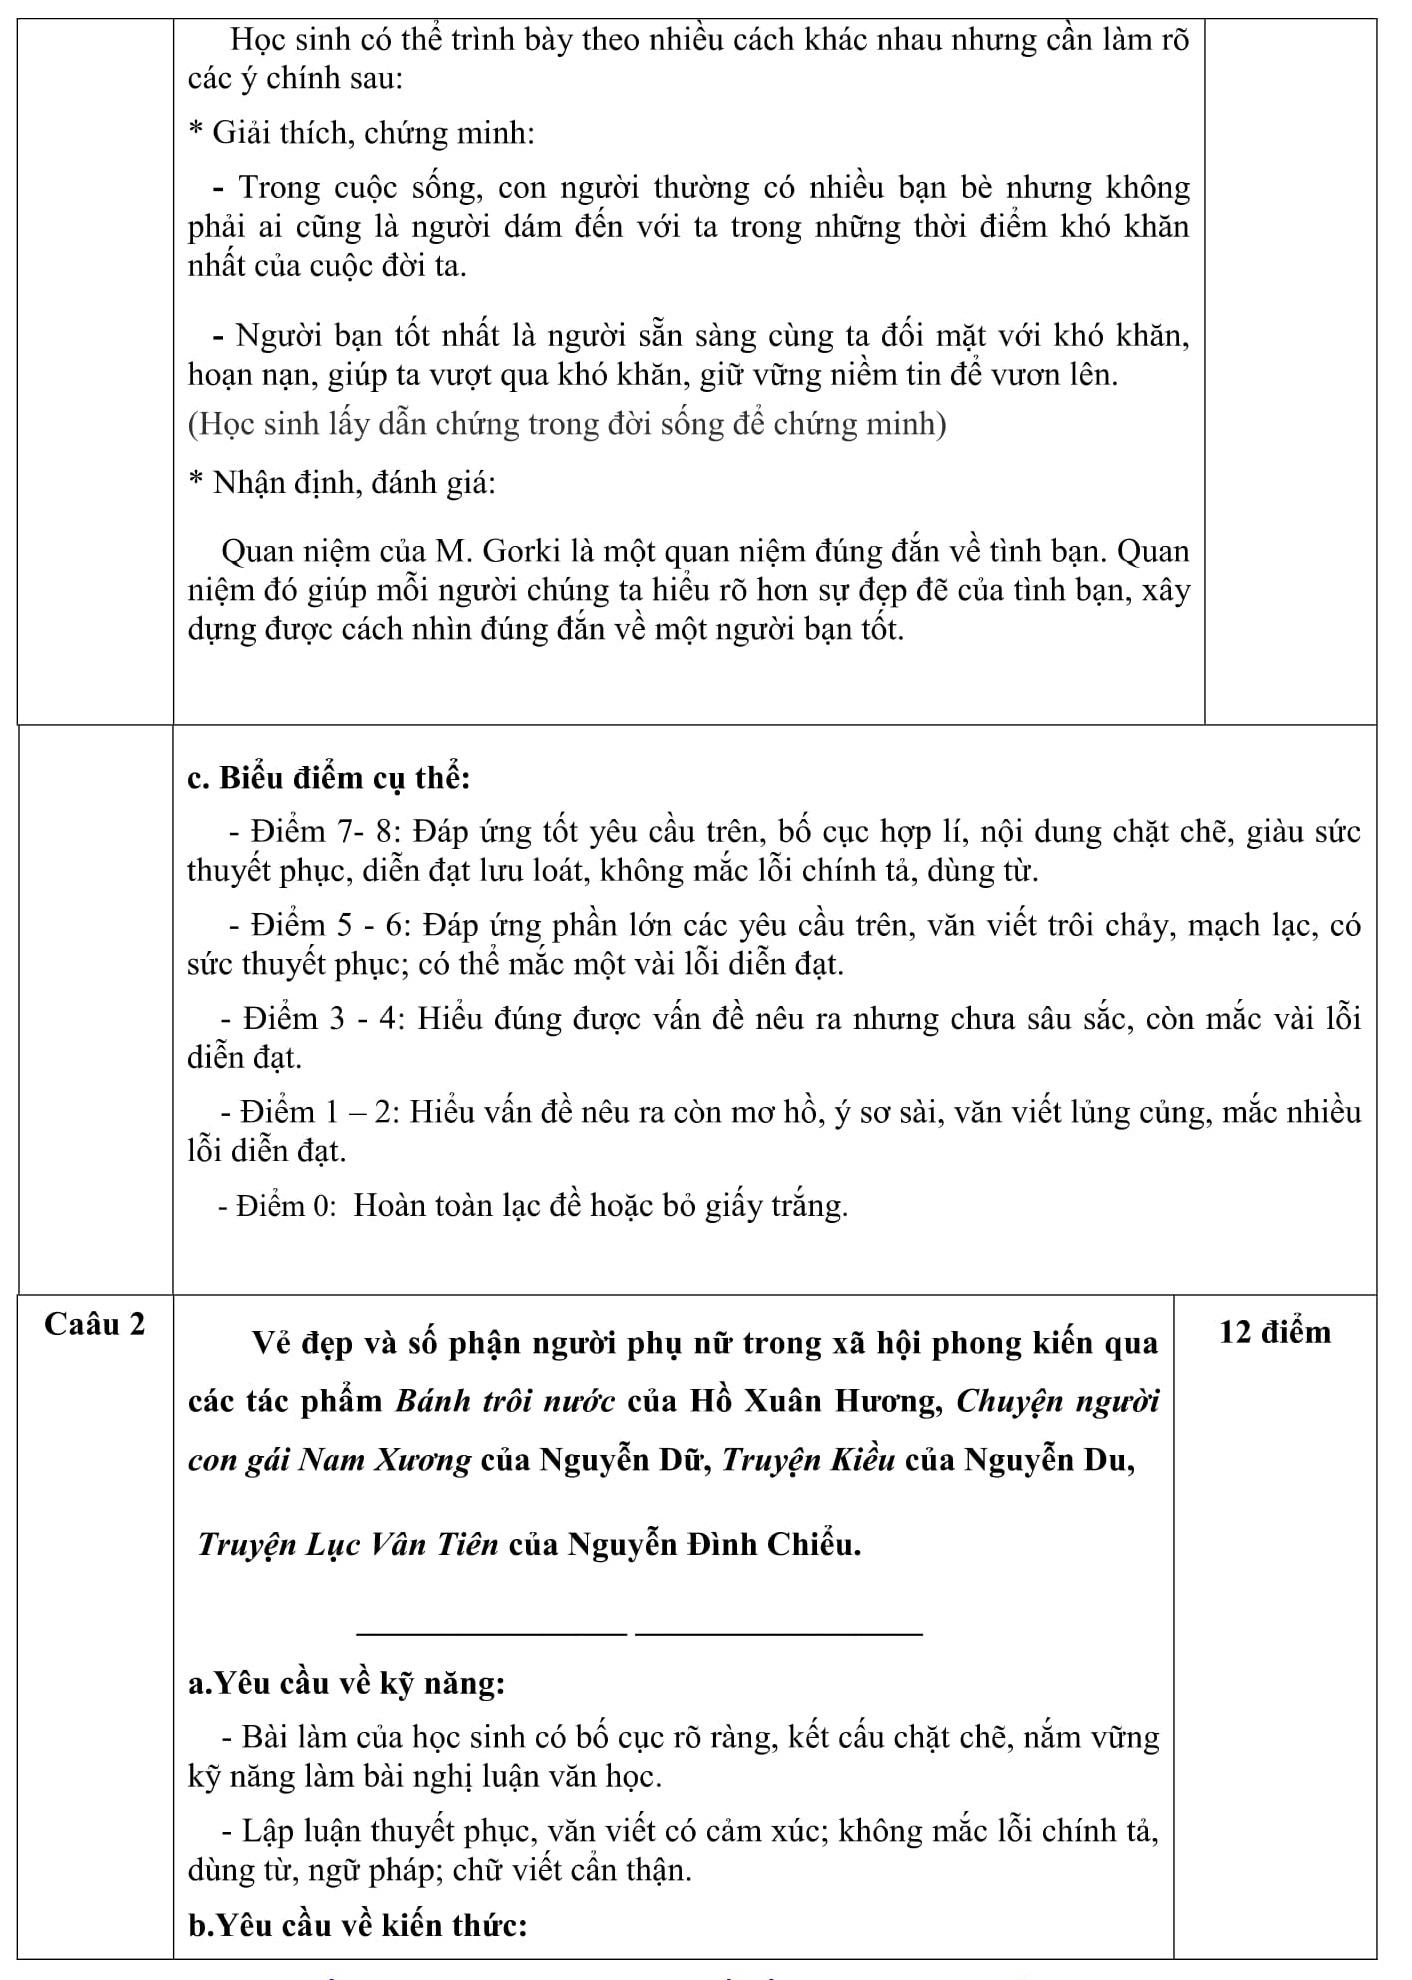 Đáp án và đề thi HSG Ngữ Văn 9 phòng GD&ĐT Lâm Đồng 2010-2011